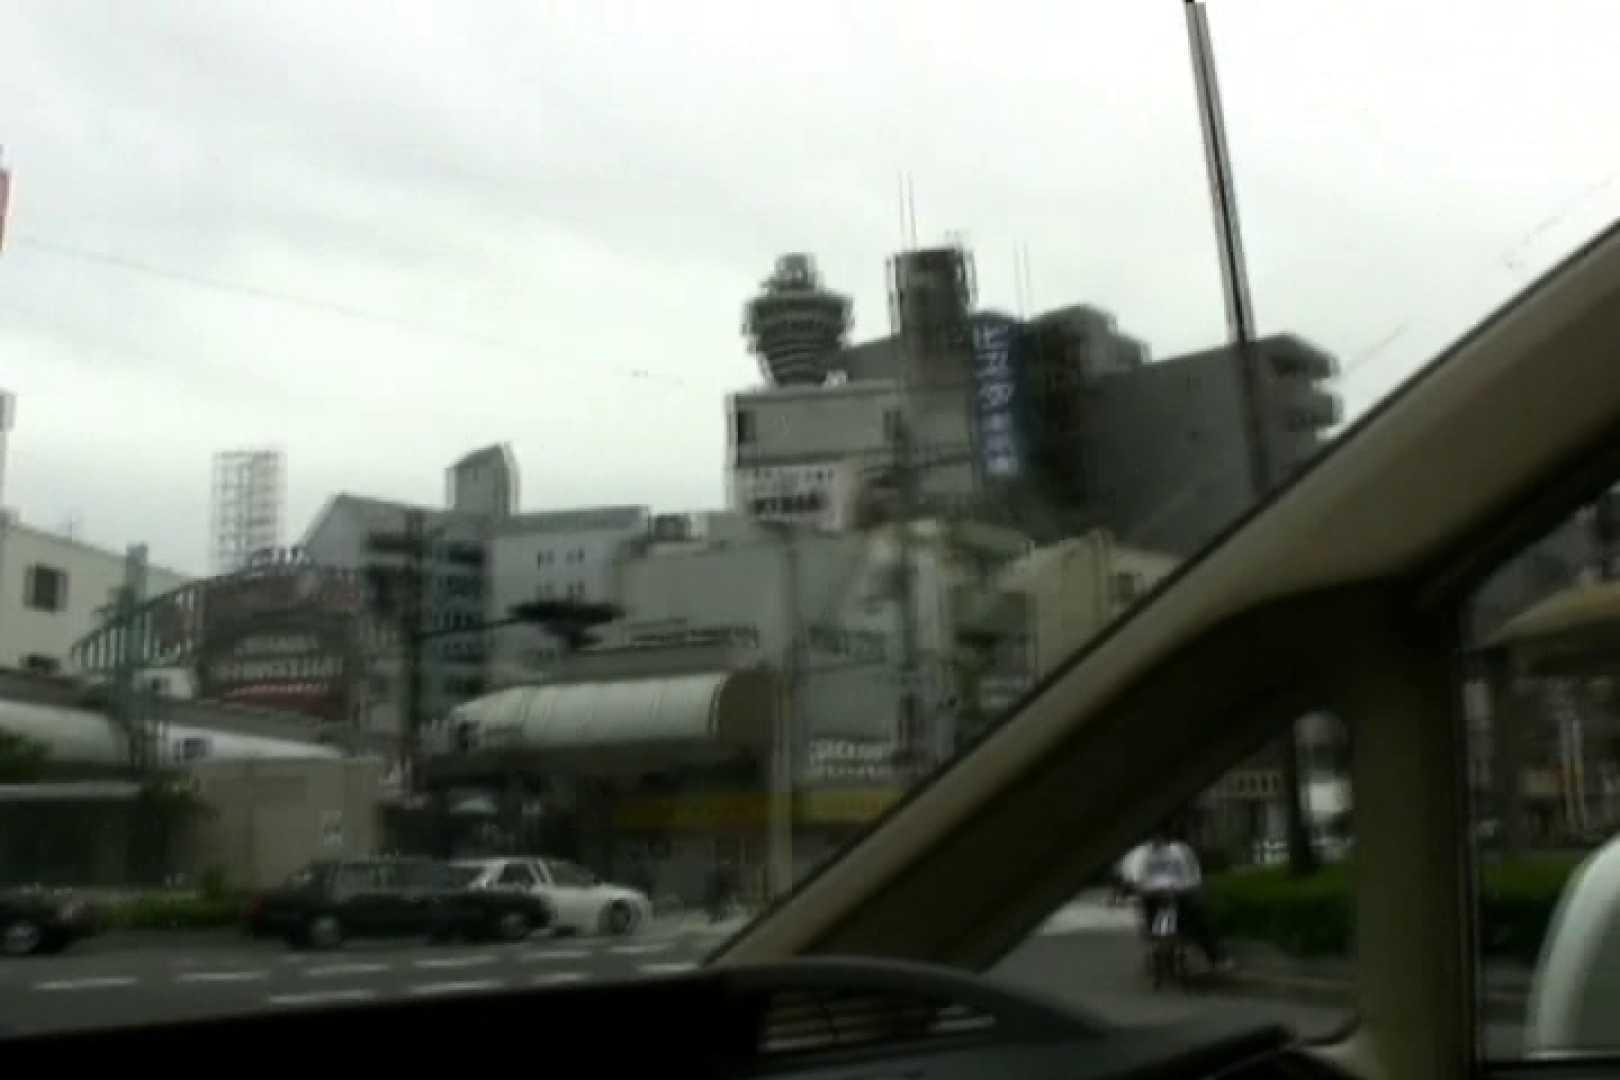 素人ナンパ本番撮り!出会い系でGET!Vol.13 人妻のエッチ ワレメ無修正動画無料 57pic 11